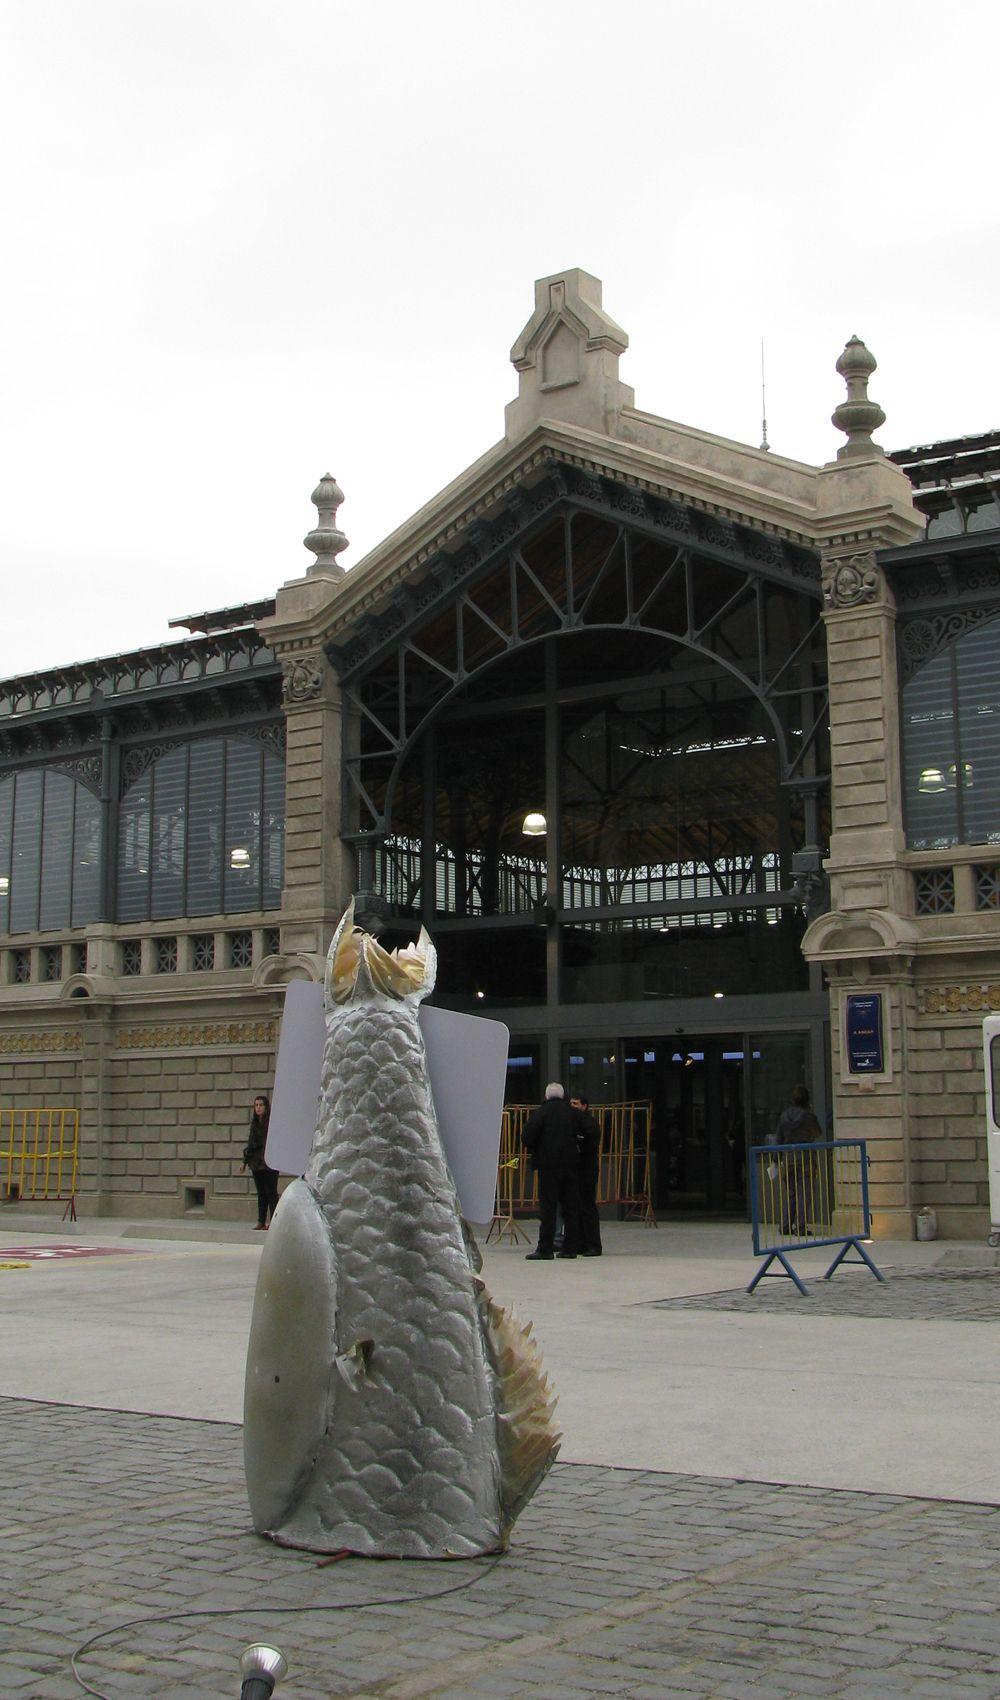 """""""El Mercado Agrícola es el ancla del barrio"""", aseguró la intendenta de Montevideo, Ana Olivera, durante la conferencia previa a la inauguración del remozado edificio de la zona de Goes. El nuevo mercado alberga 107 locales con una variada oferta comercial."""